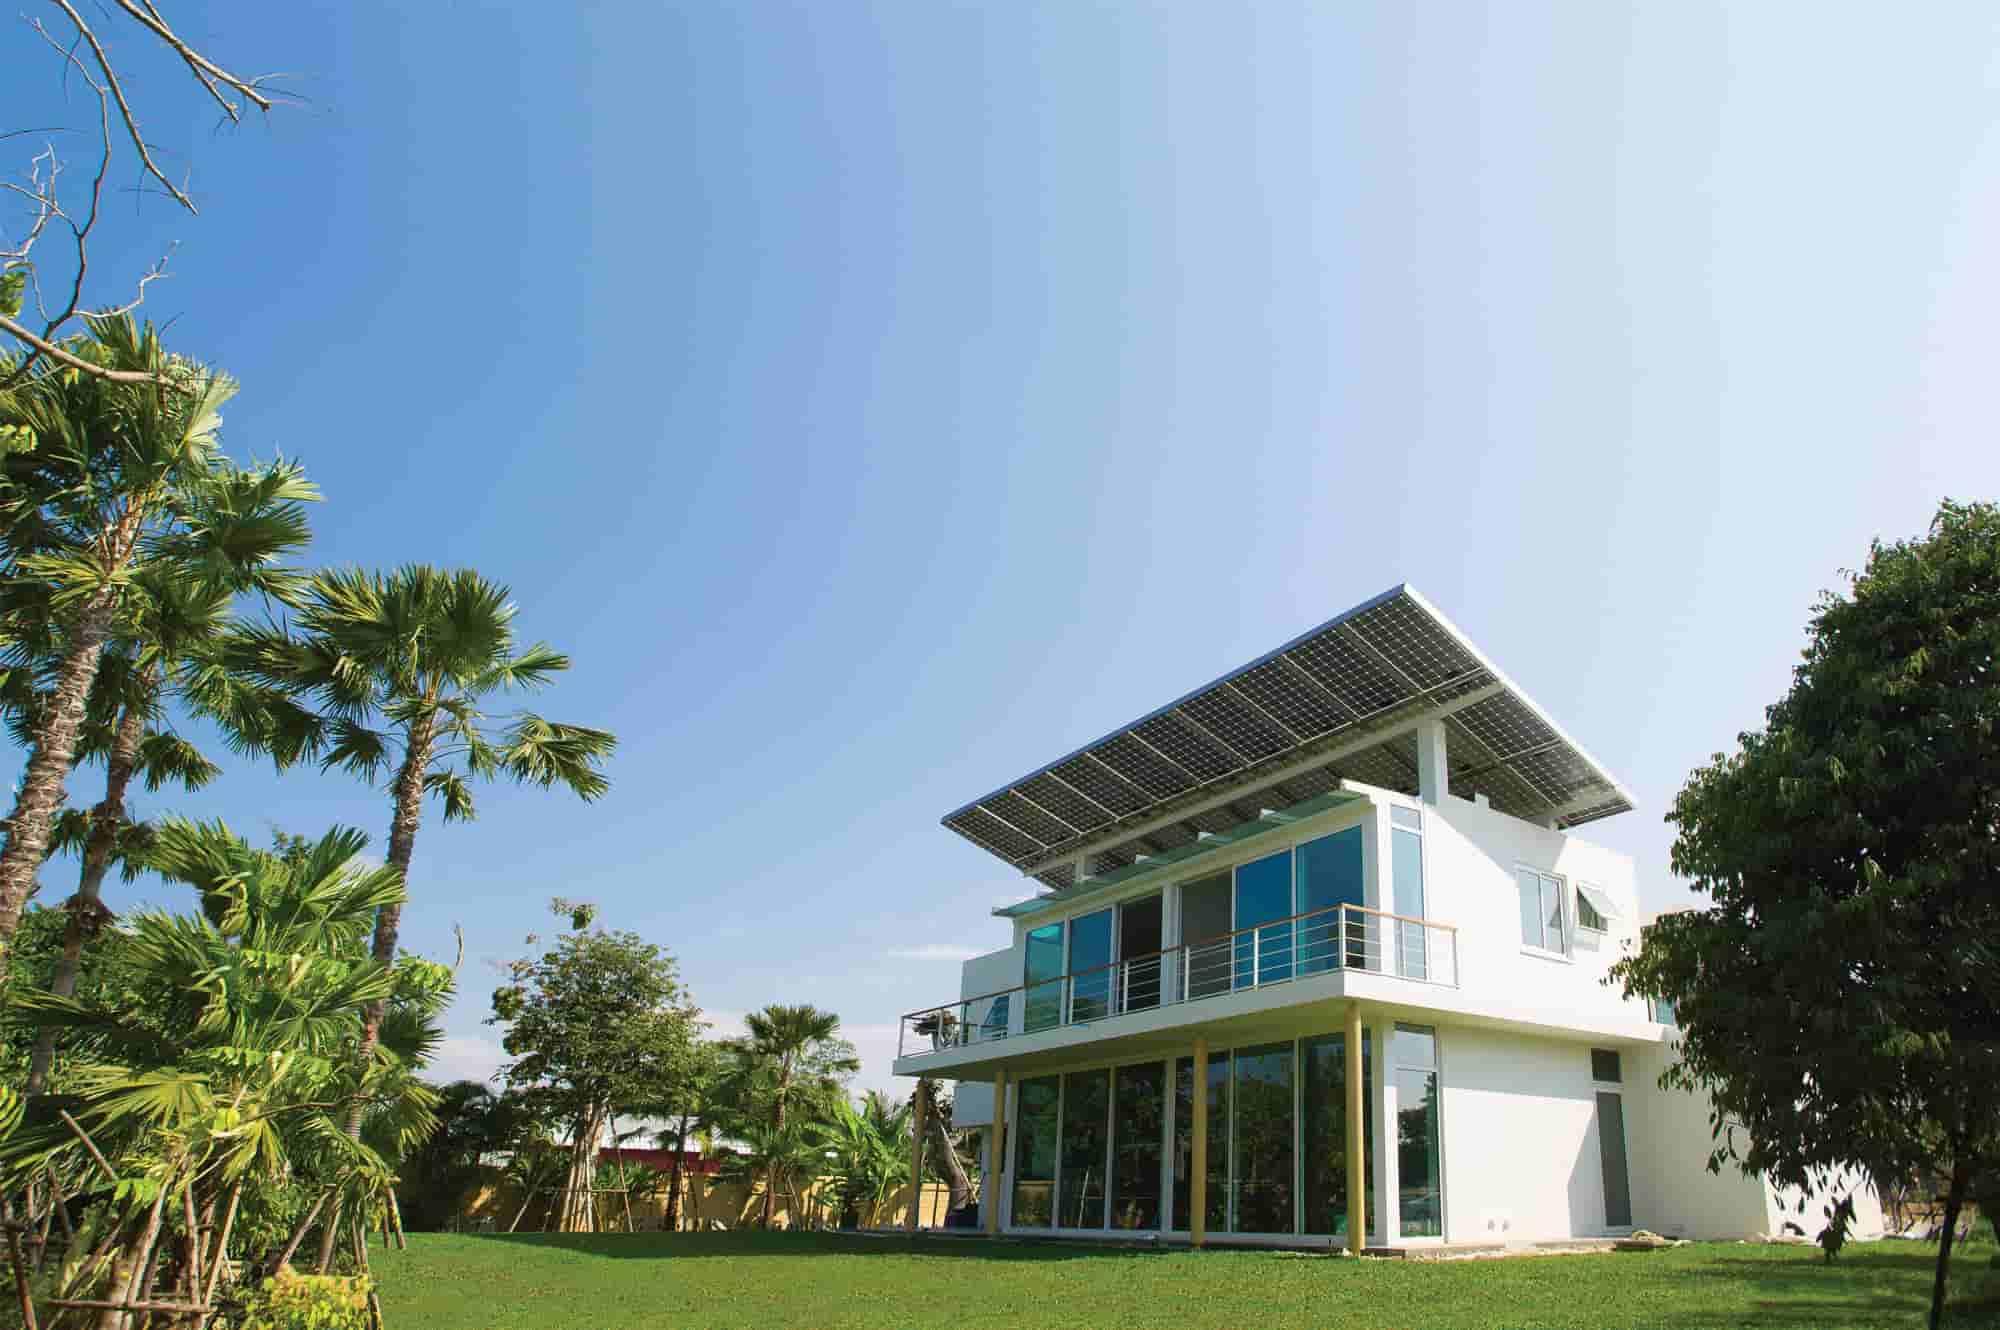 vivienda-sustentable-moderna